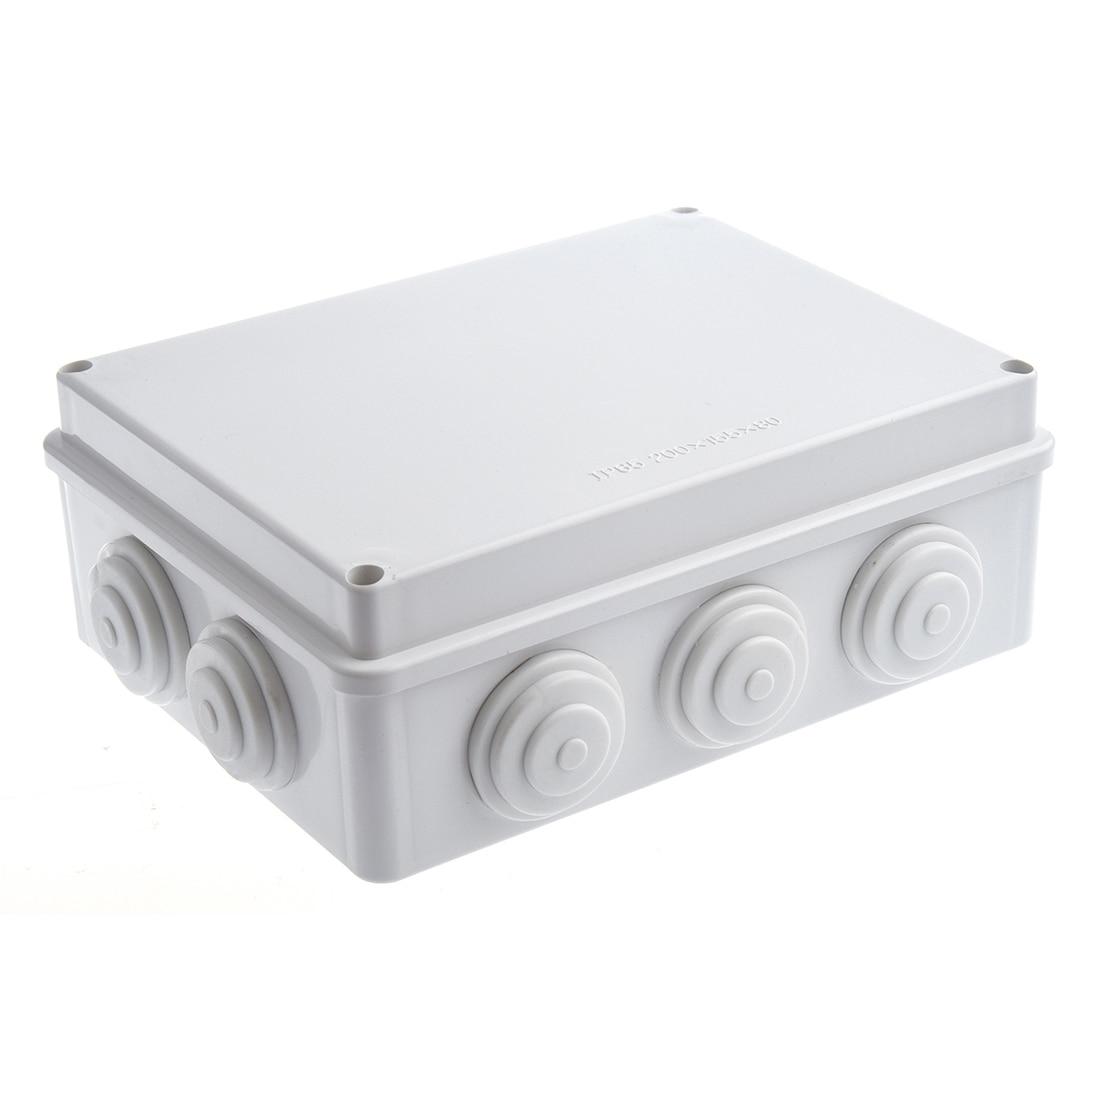 White ABS IP65 Waterproof EnClosure Junction Box 200mmx155mmx80mm box box box waterproof box ip65 - title=